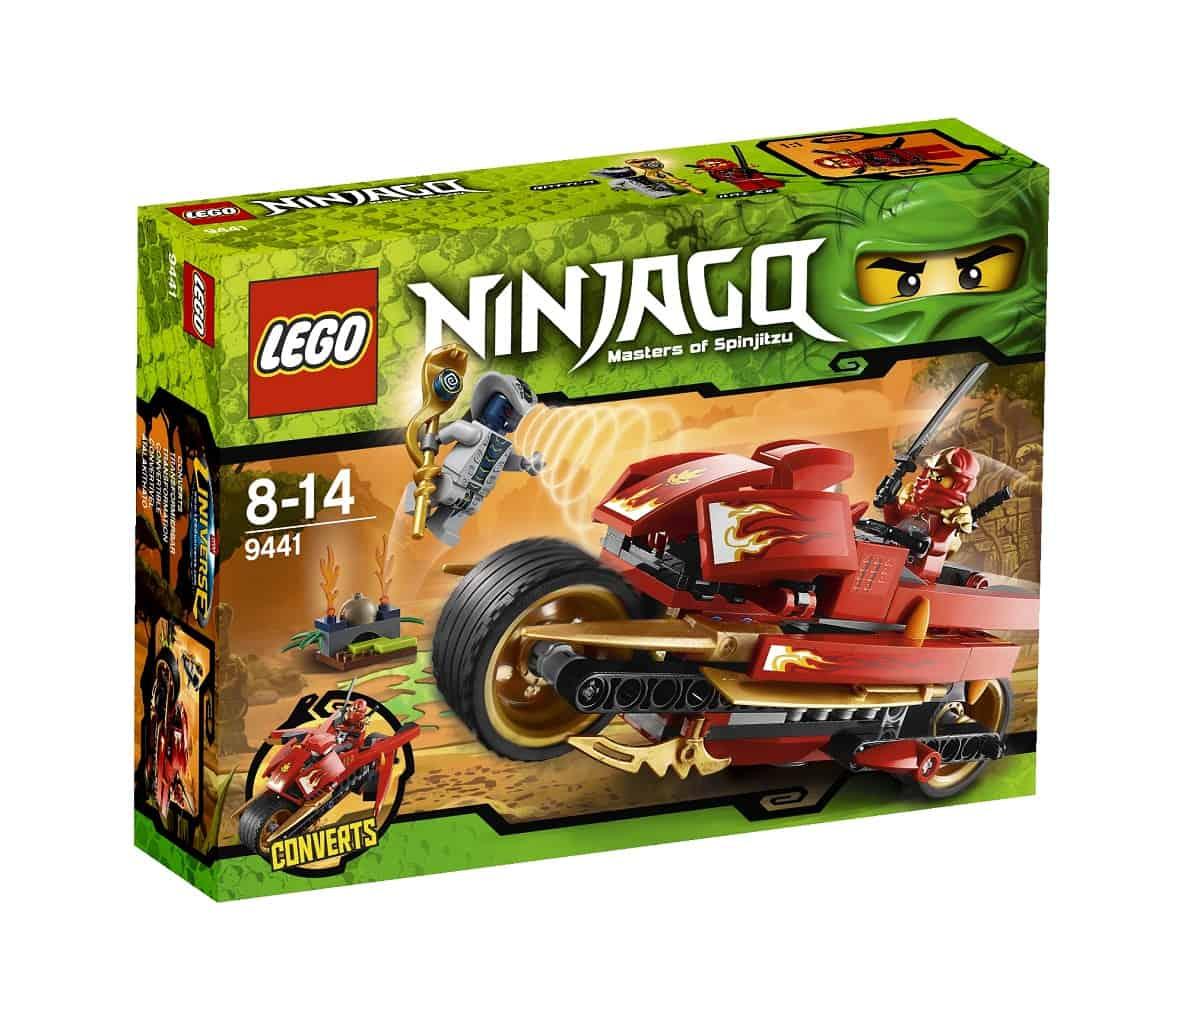 LEGO NINJAGO 2012: i nemici sono temibili serpenti!